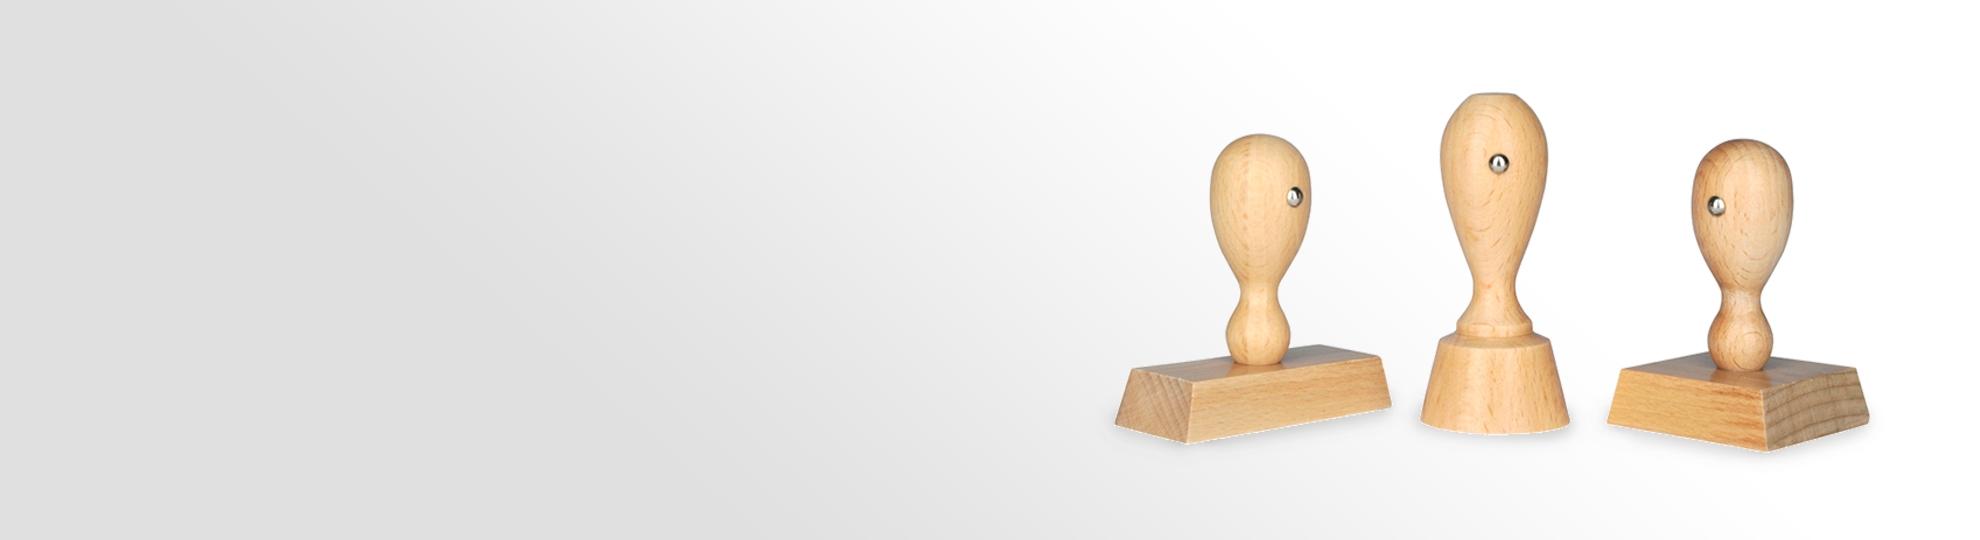 Imprimer Tampon standard Colop bois